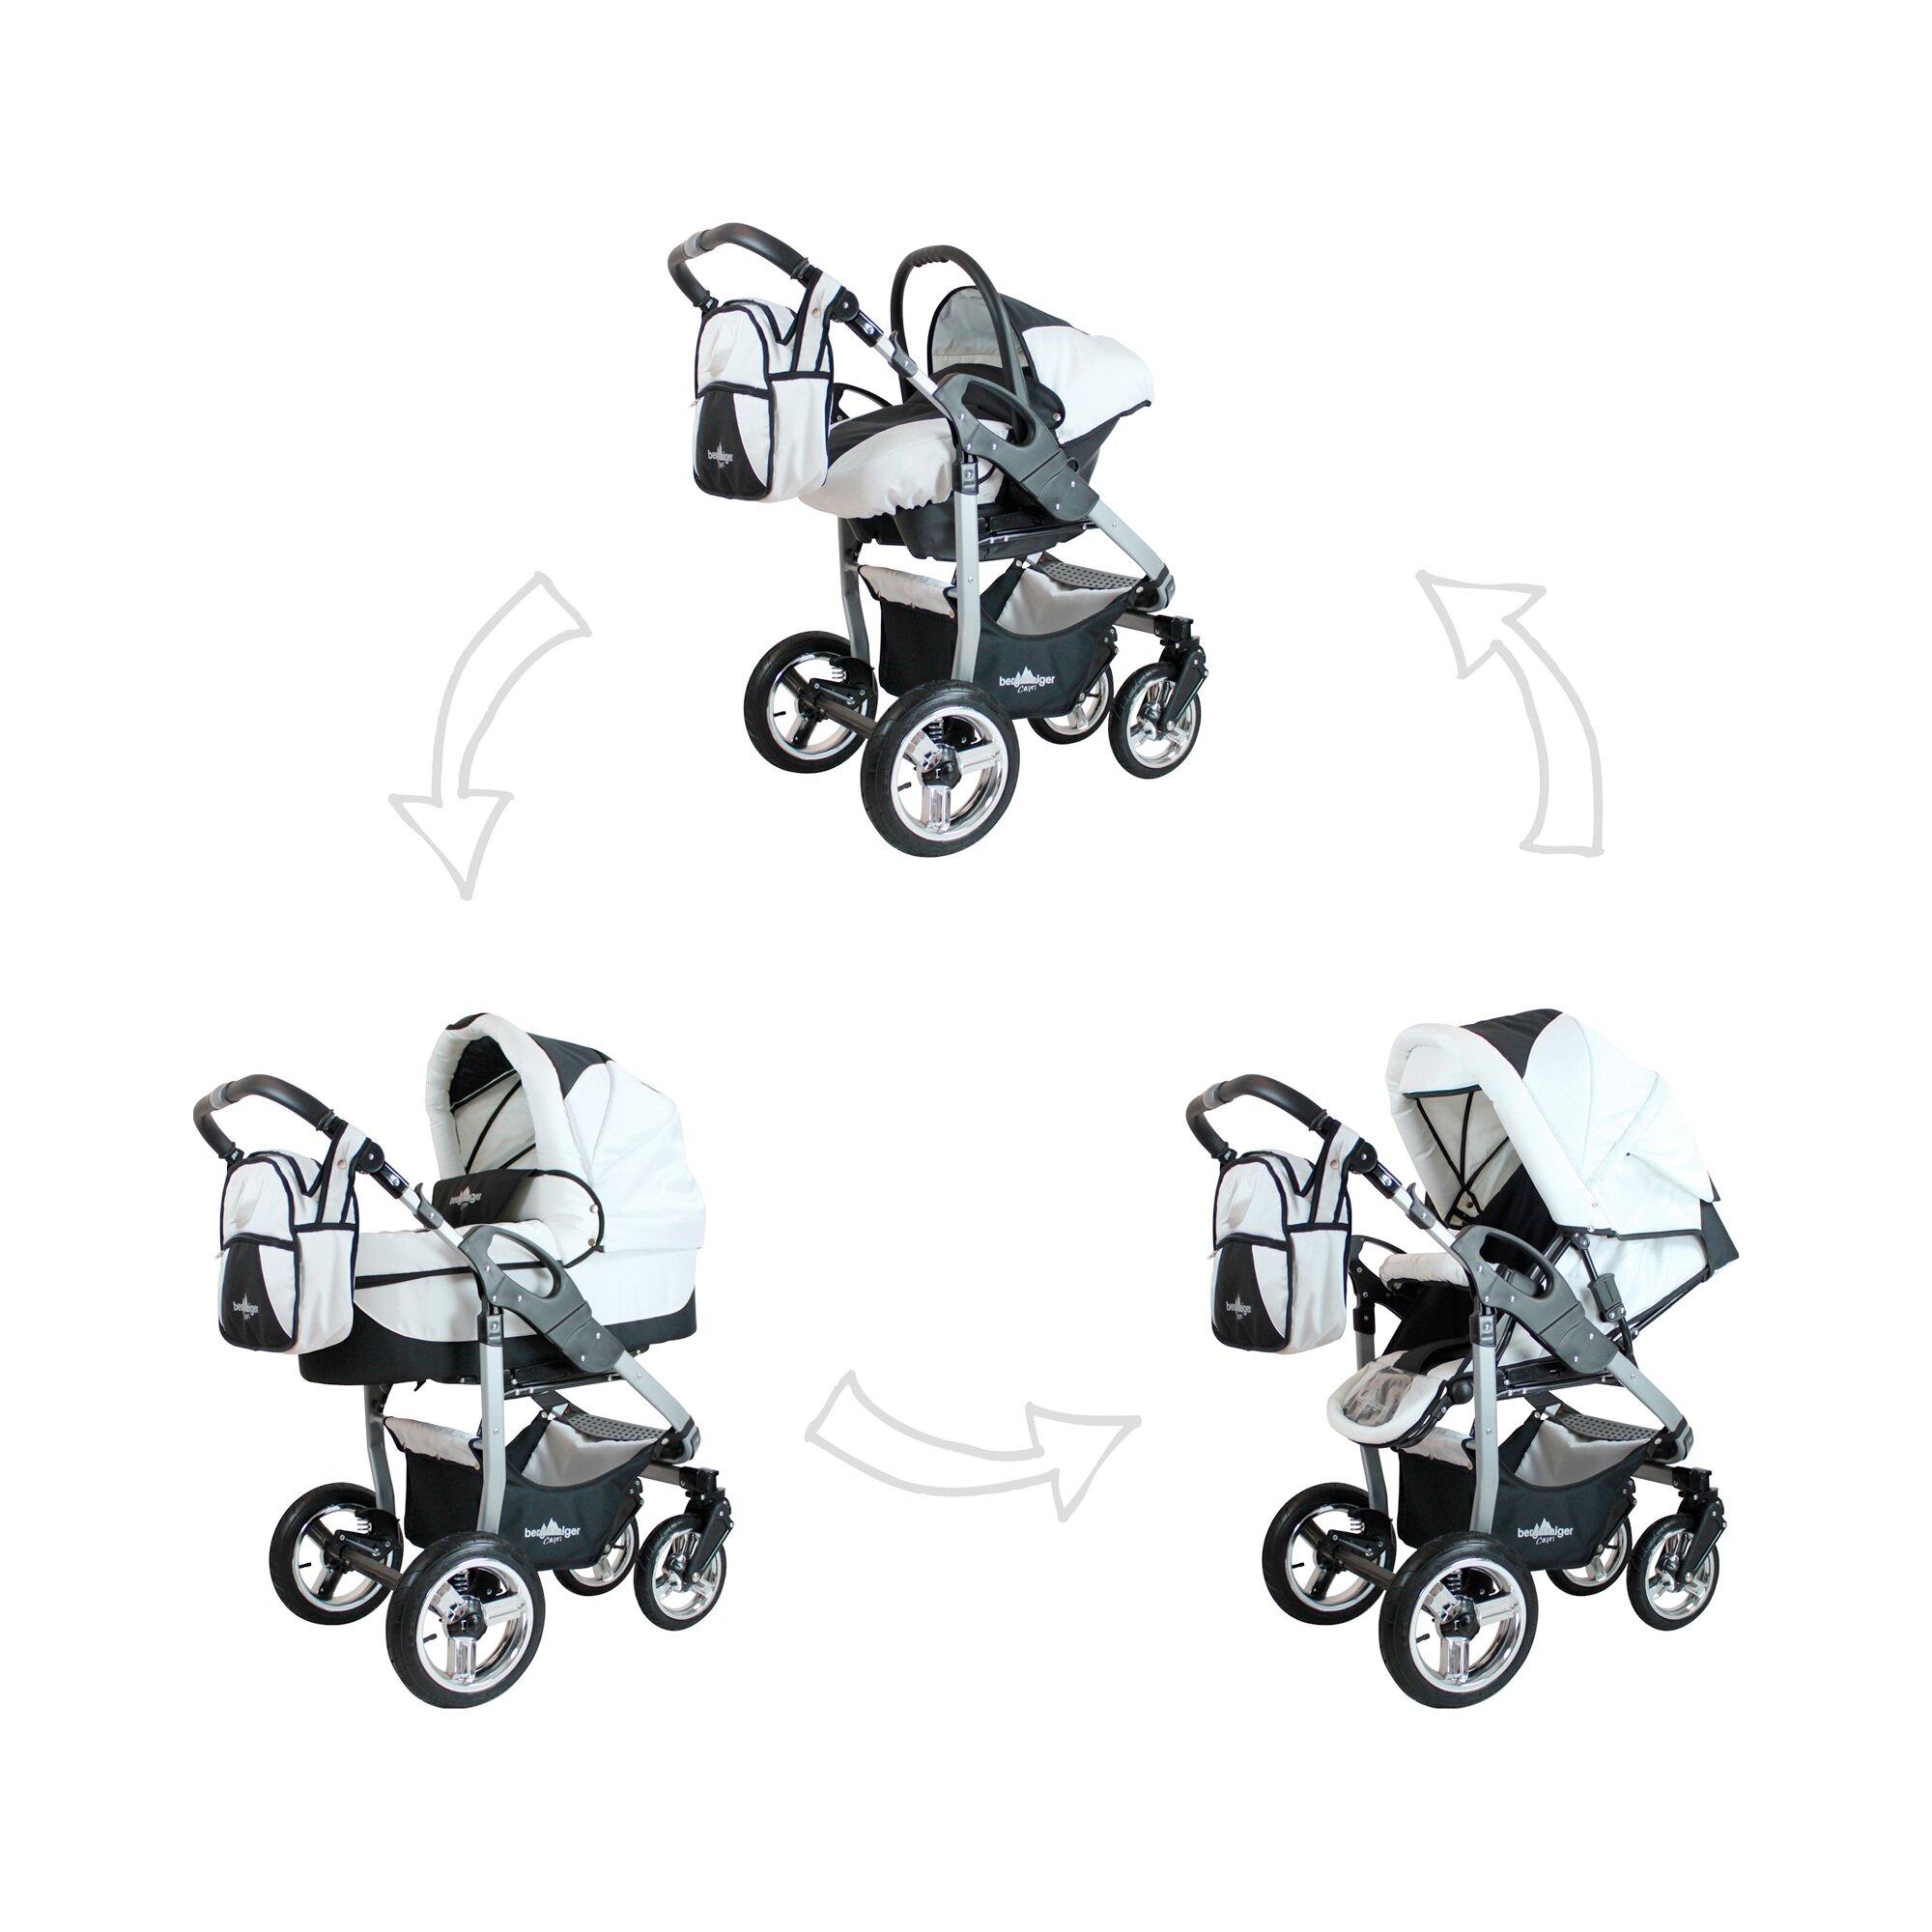 bergsteiger-capri-kombikinderwagen-trio-set-mit-wickeltasche-schwarz